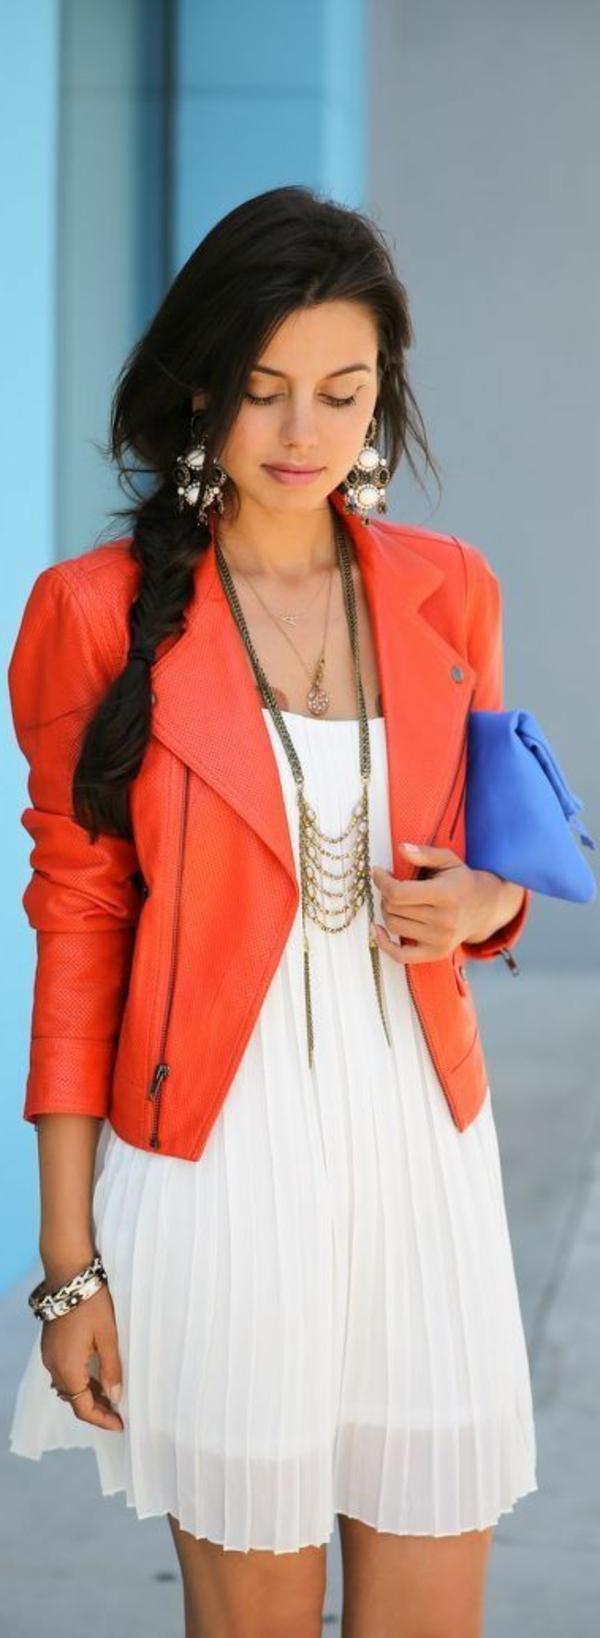 Robe corail veste blanche